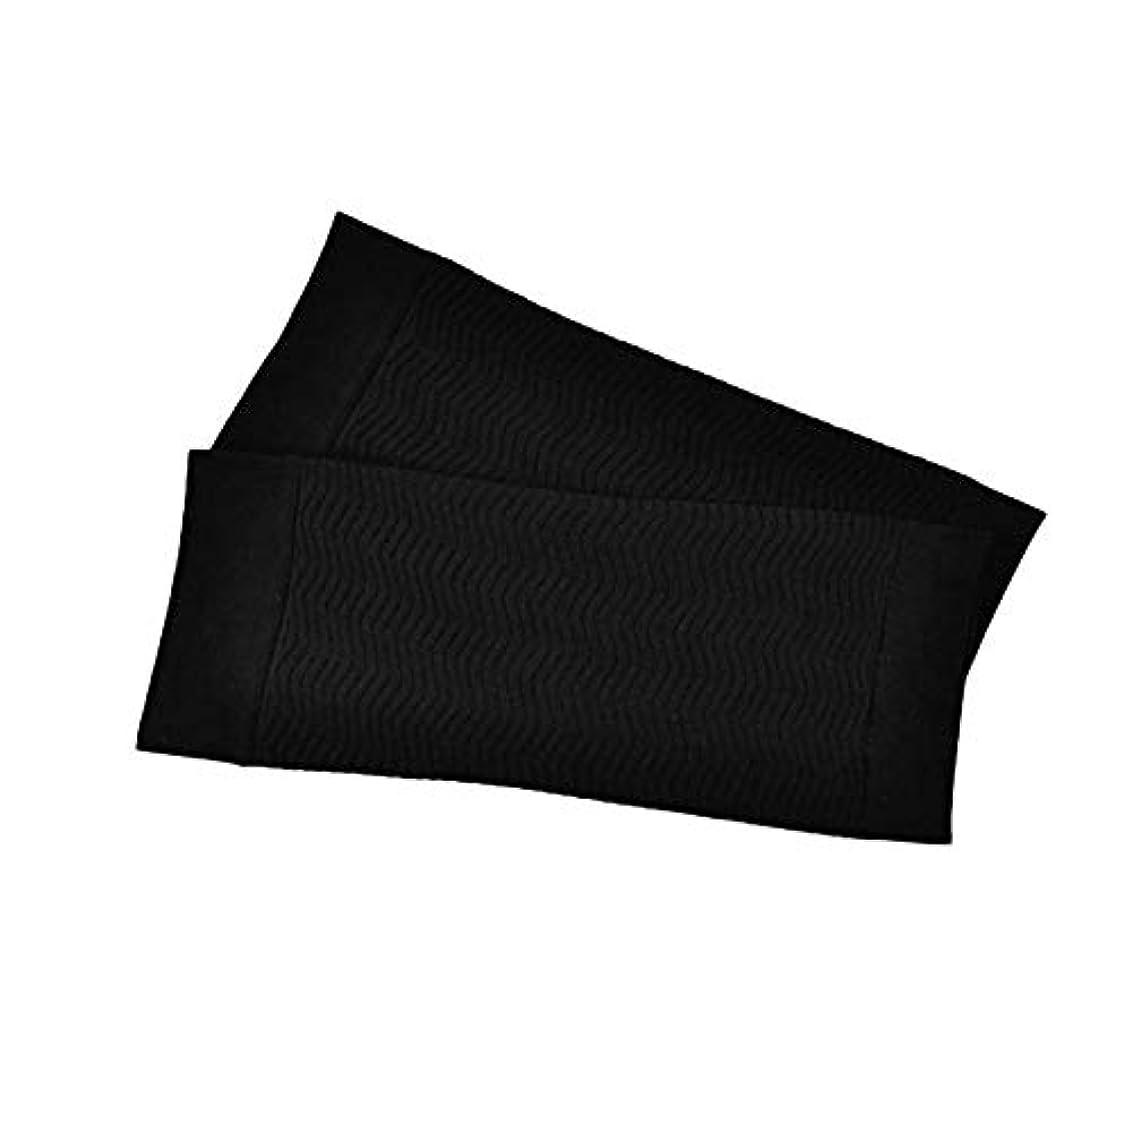 センチメートルマスタード実験室1ペア680Dコンプレッションアームシェイパーワークアウトトーニングバーンセルライトスリミングアームスリーブファットバーニングショートスリーブ女性用-ブラック